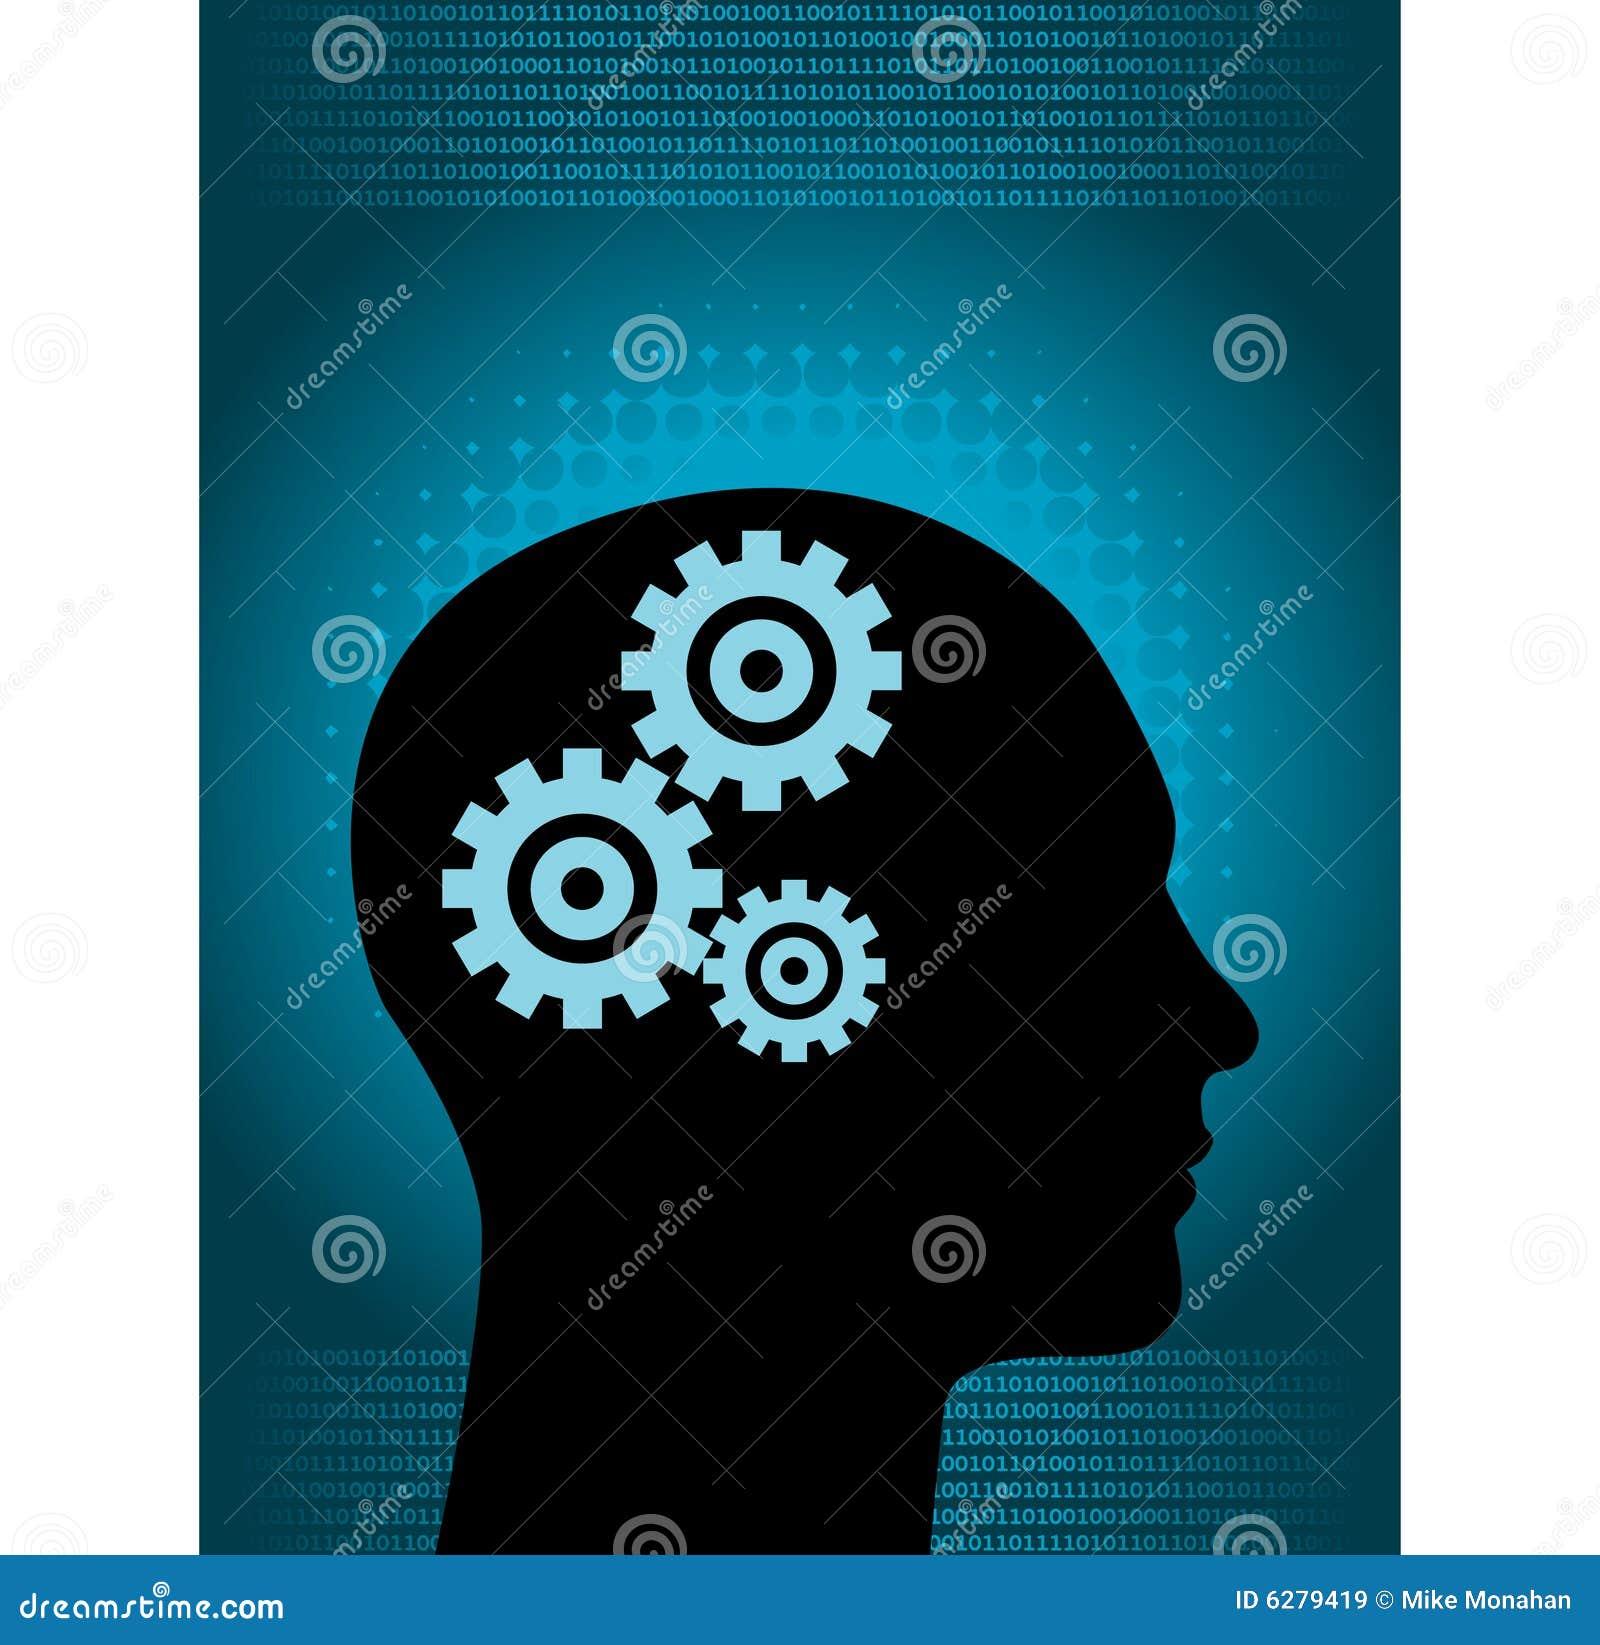 Brain clockwork